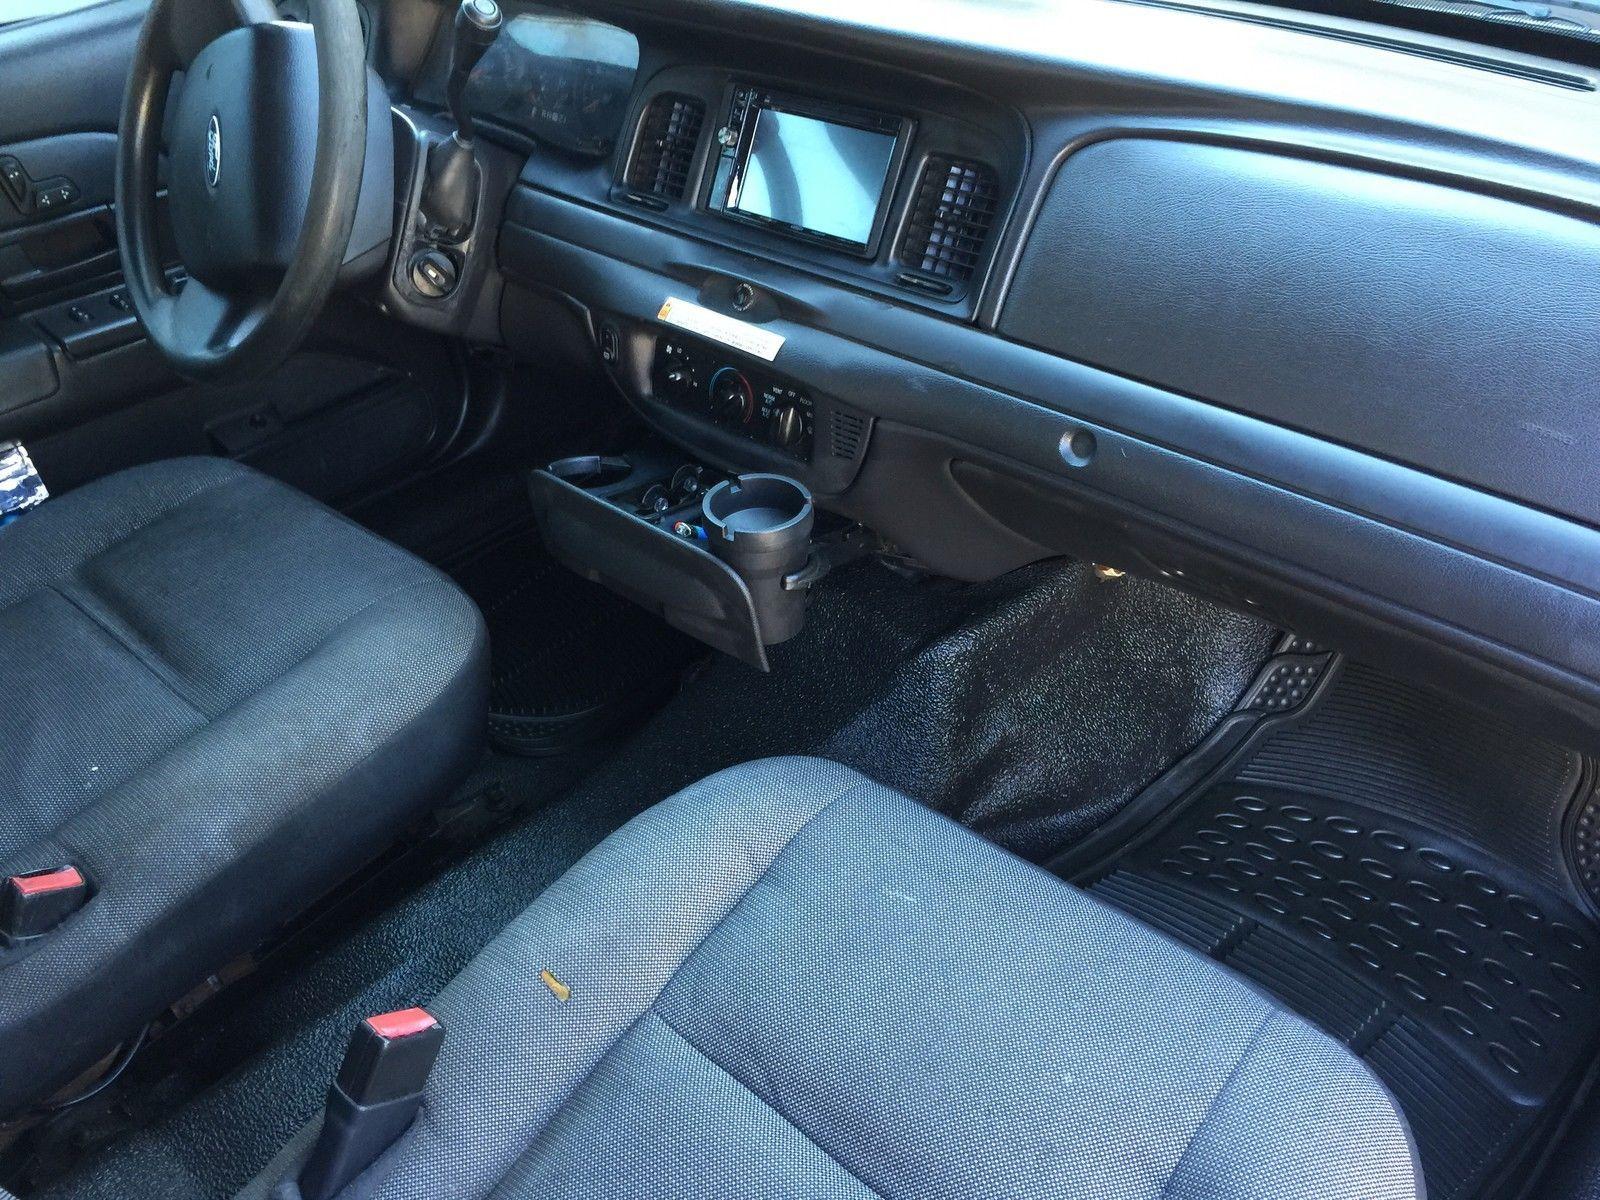 2007 ford crown victoria police interceptor sedan 4 door